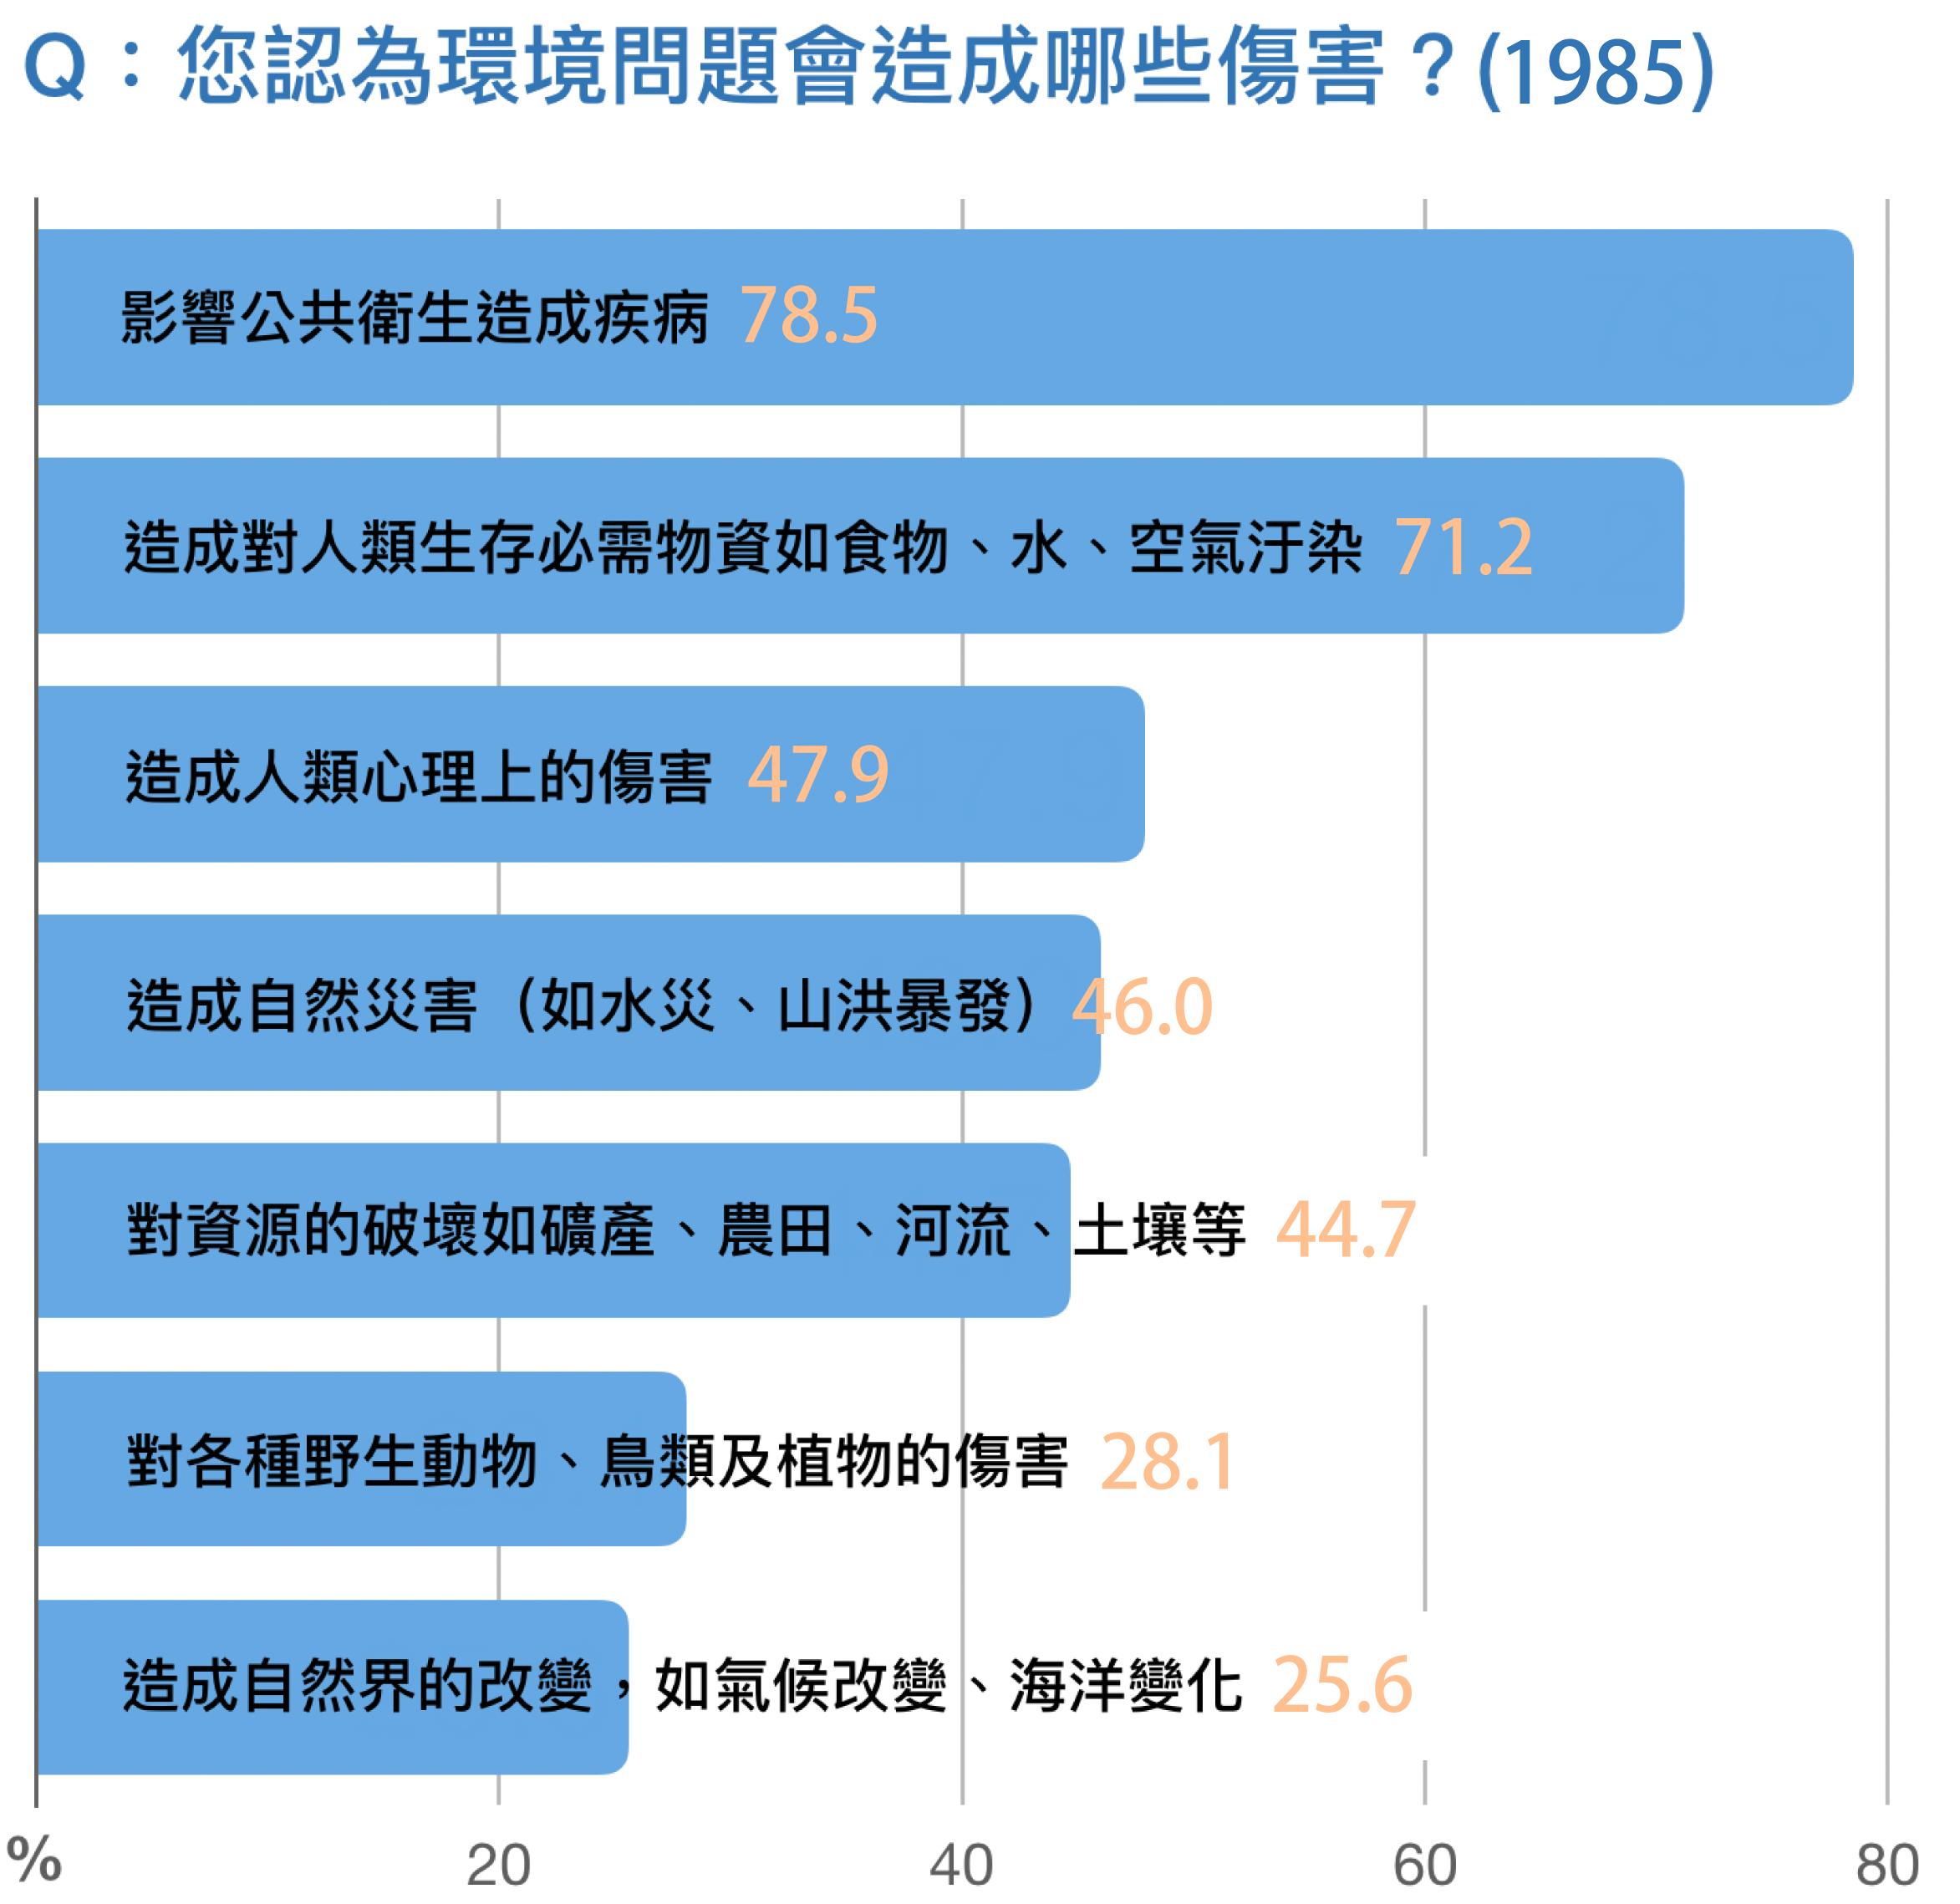 資料來源│蕭新煌,1985:145 圖說重製│林洵安